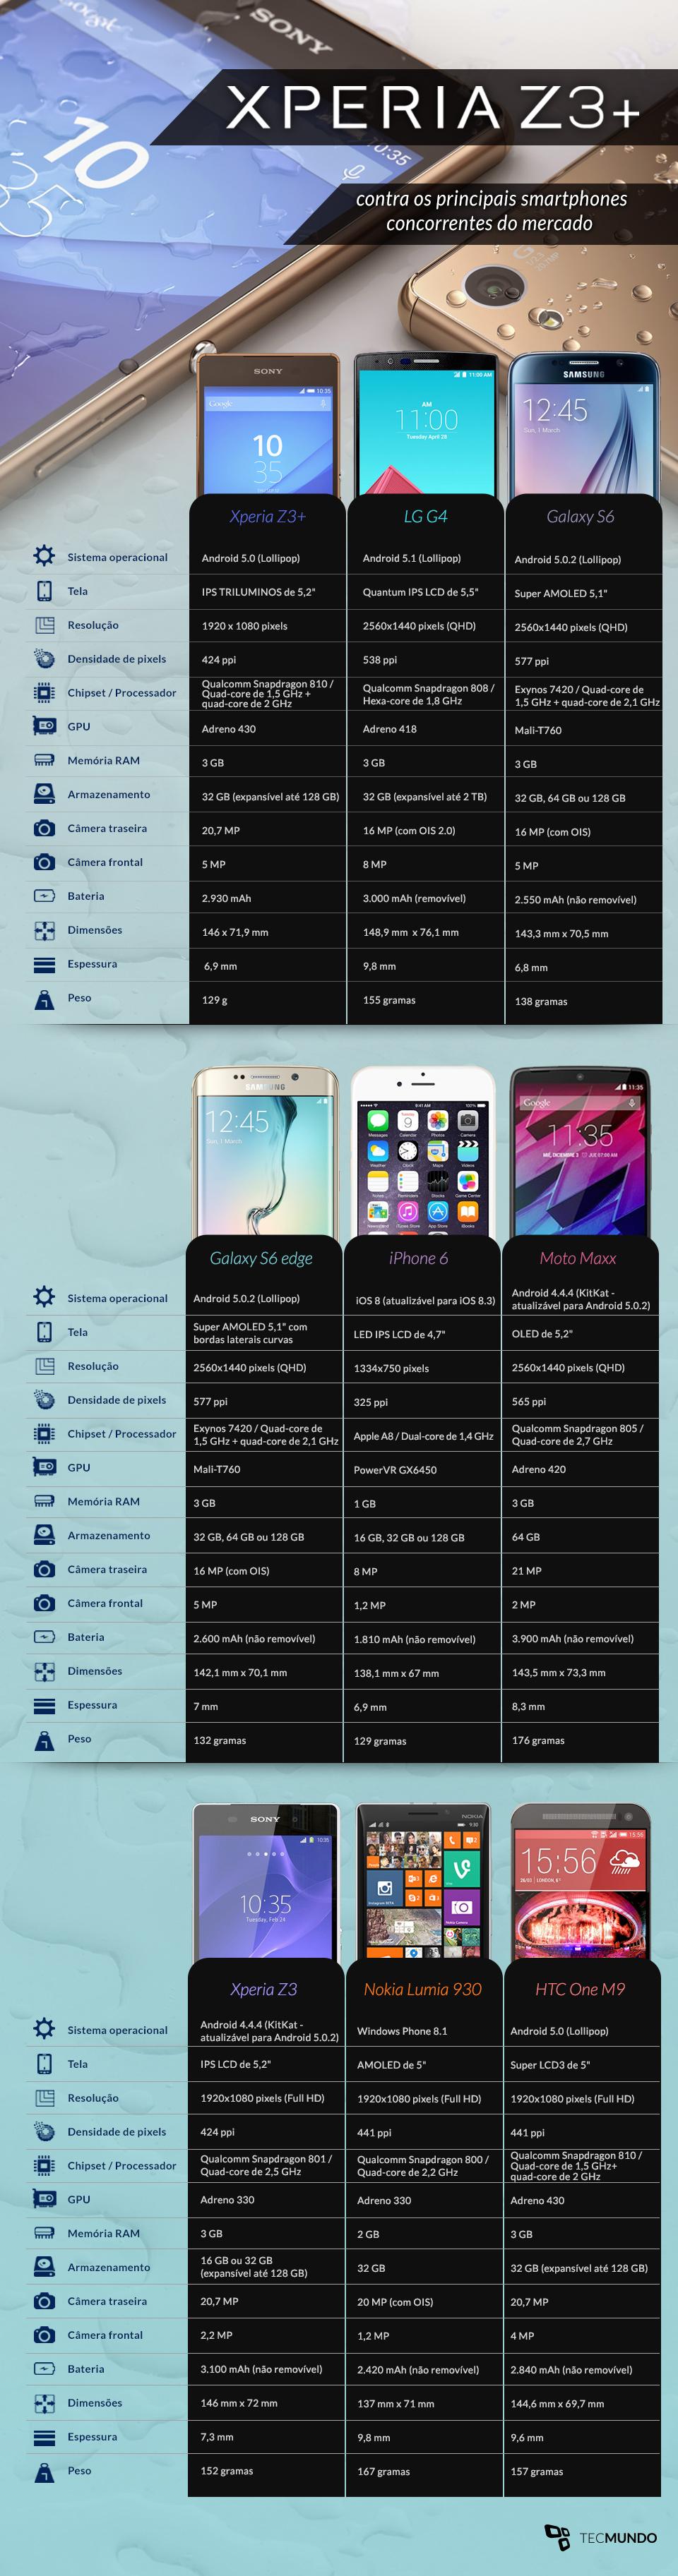 Comparação: Xperia Z3+ contra os principais smartphones rivais do mercado